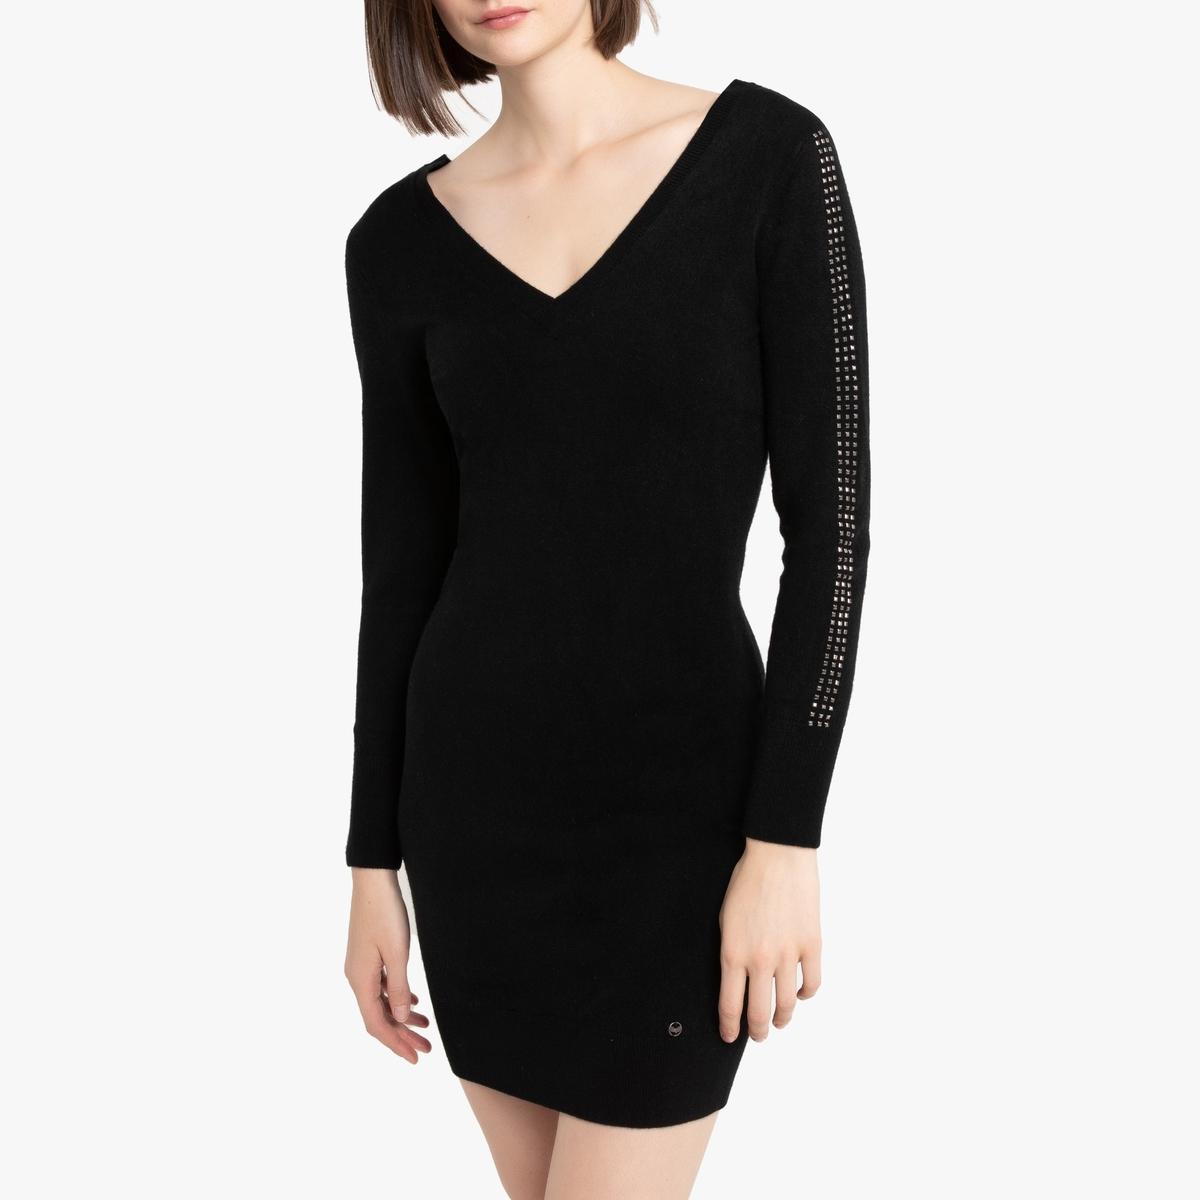 цена Платье La Redoute Облегающее с V-образным вырезом и глубоким вырезом сзади M черный онлайн в 2017 году